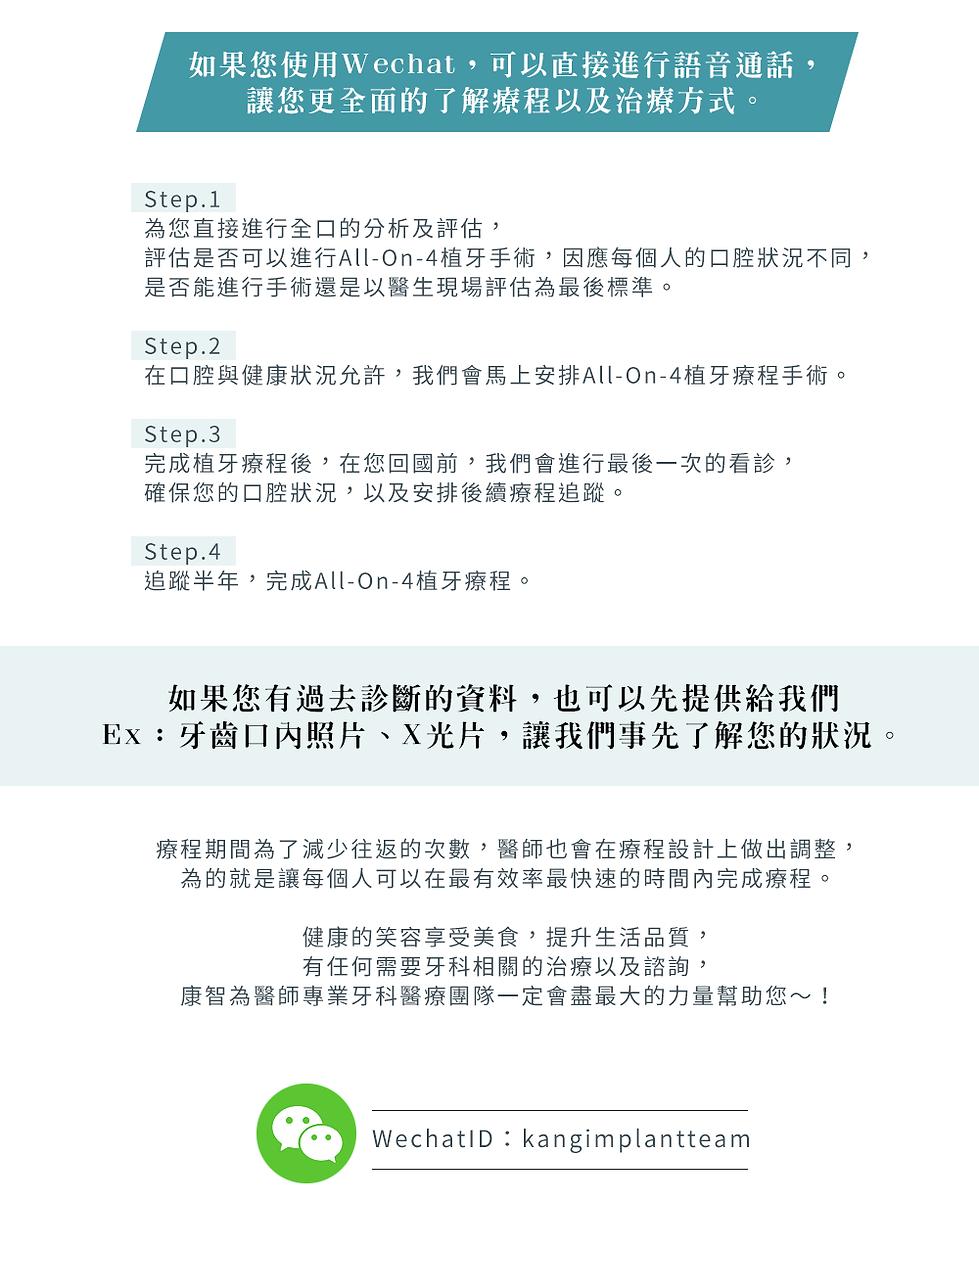 6-2_聯絡我們b.png